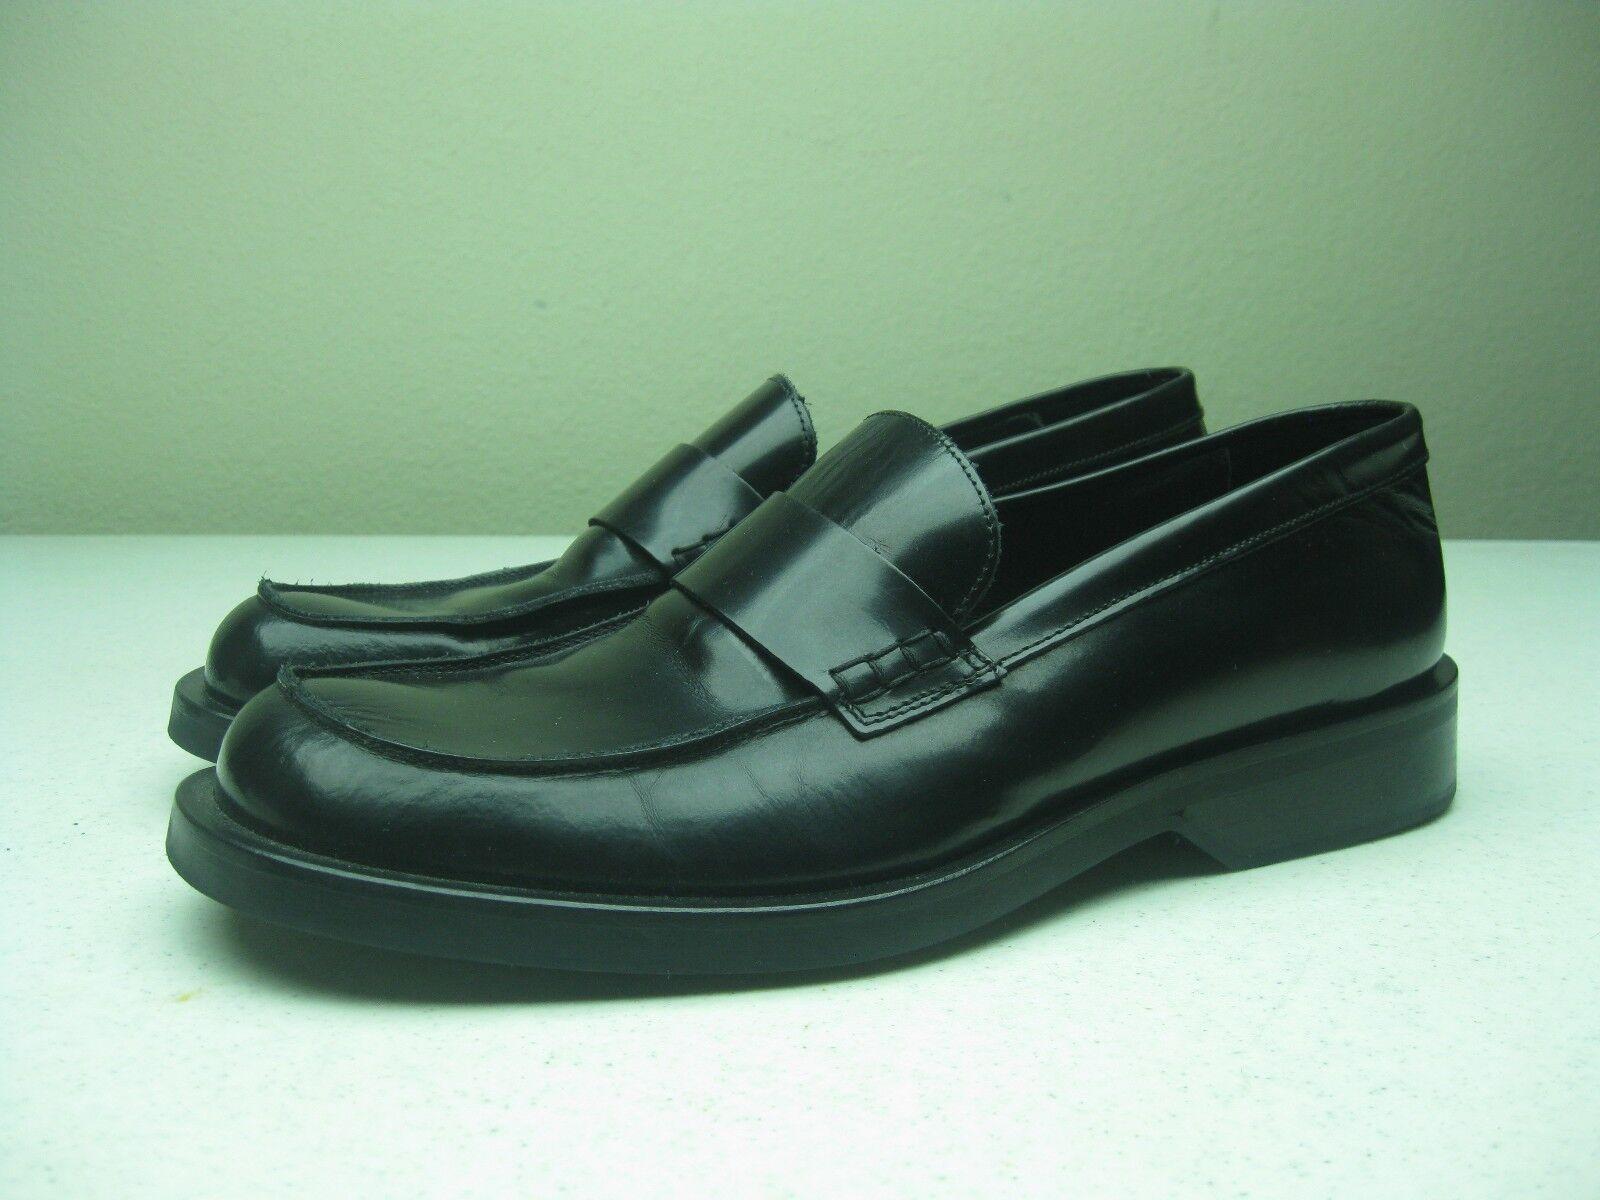 Vintage Italia J. Crew Negro clásico en cuero mocasín 9 M executive business, Zapatos